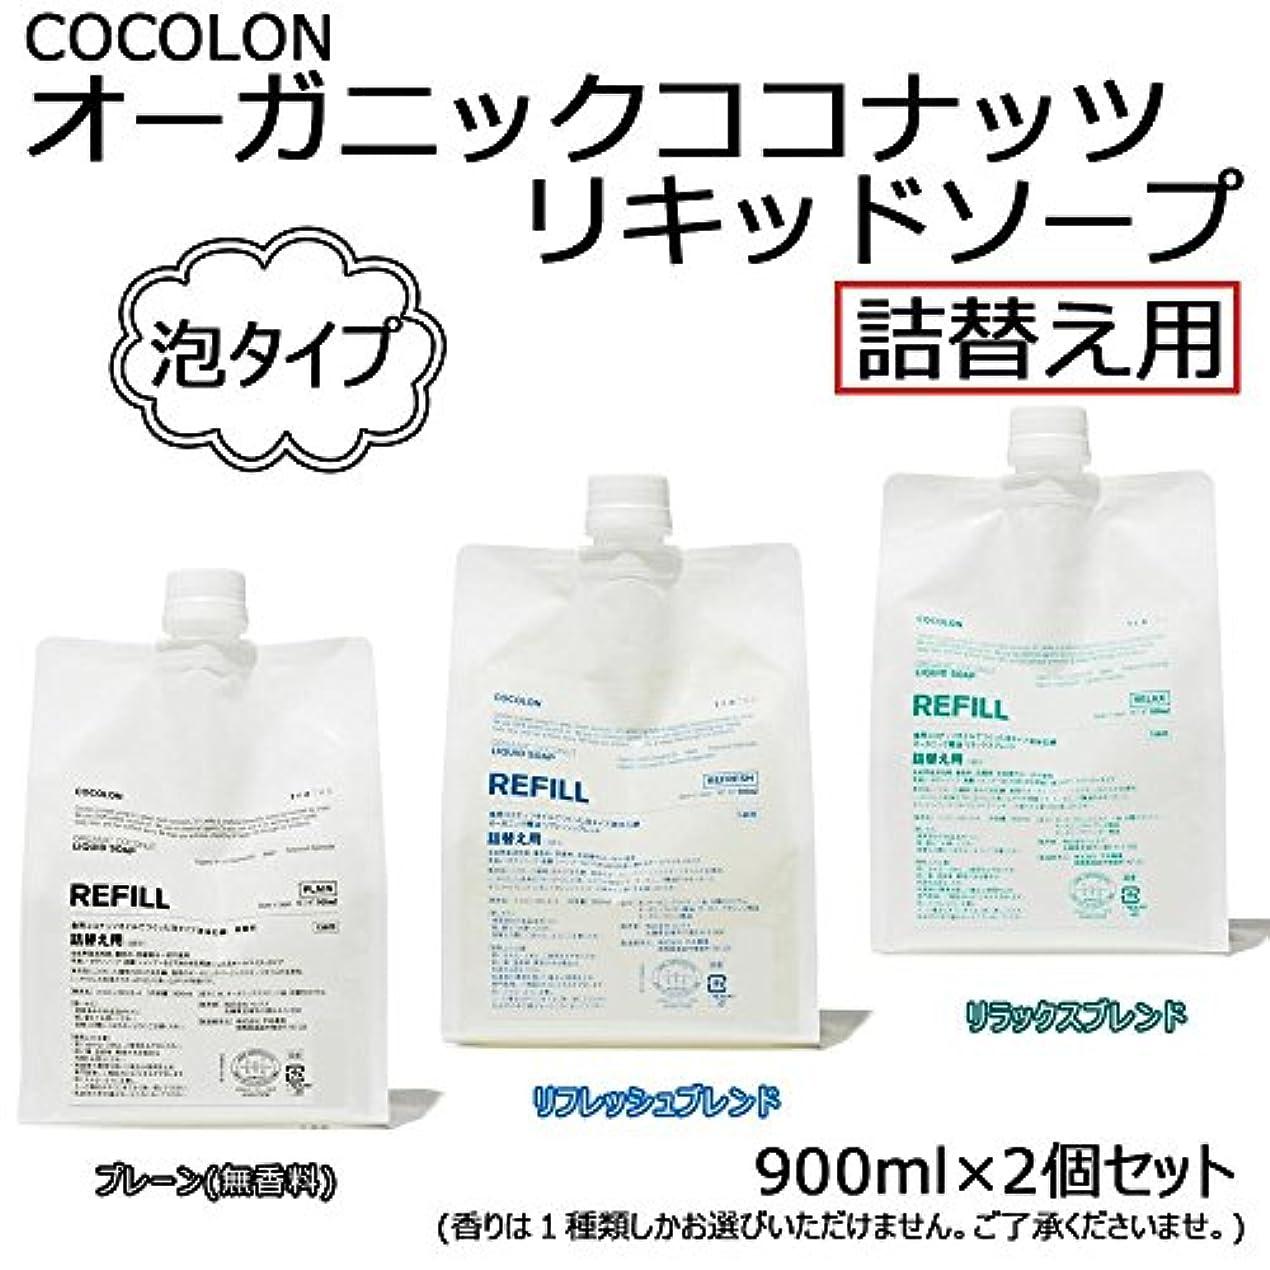 リッチ告白する理想的COCOLON ココロン オーガニックココナッツリキッドソープ 泡タイプ 詰替え用 900ml 2個セット【同梱?代引不可】 ■3種類の内「リフレッシュブレンド」のみです